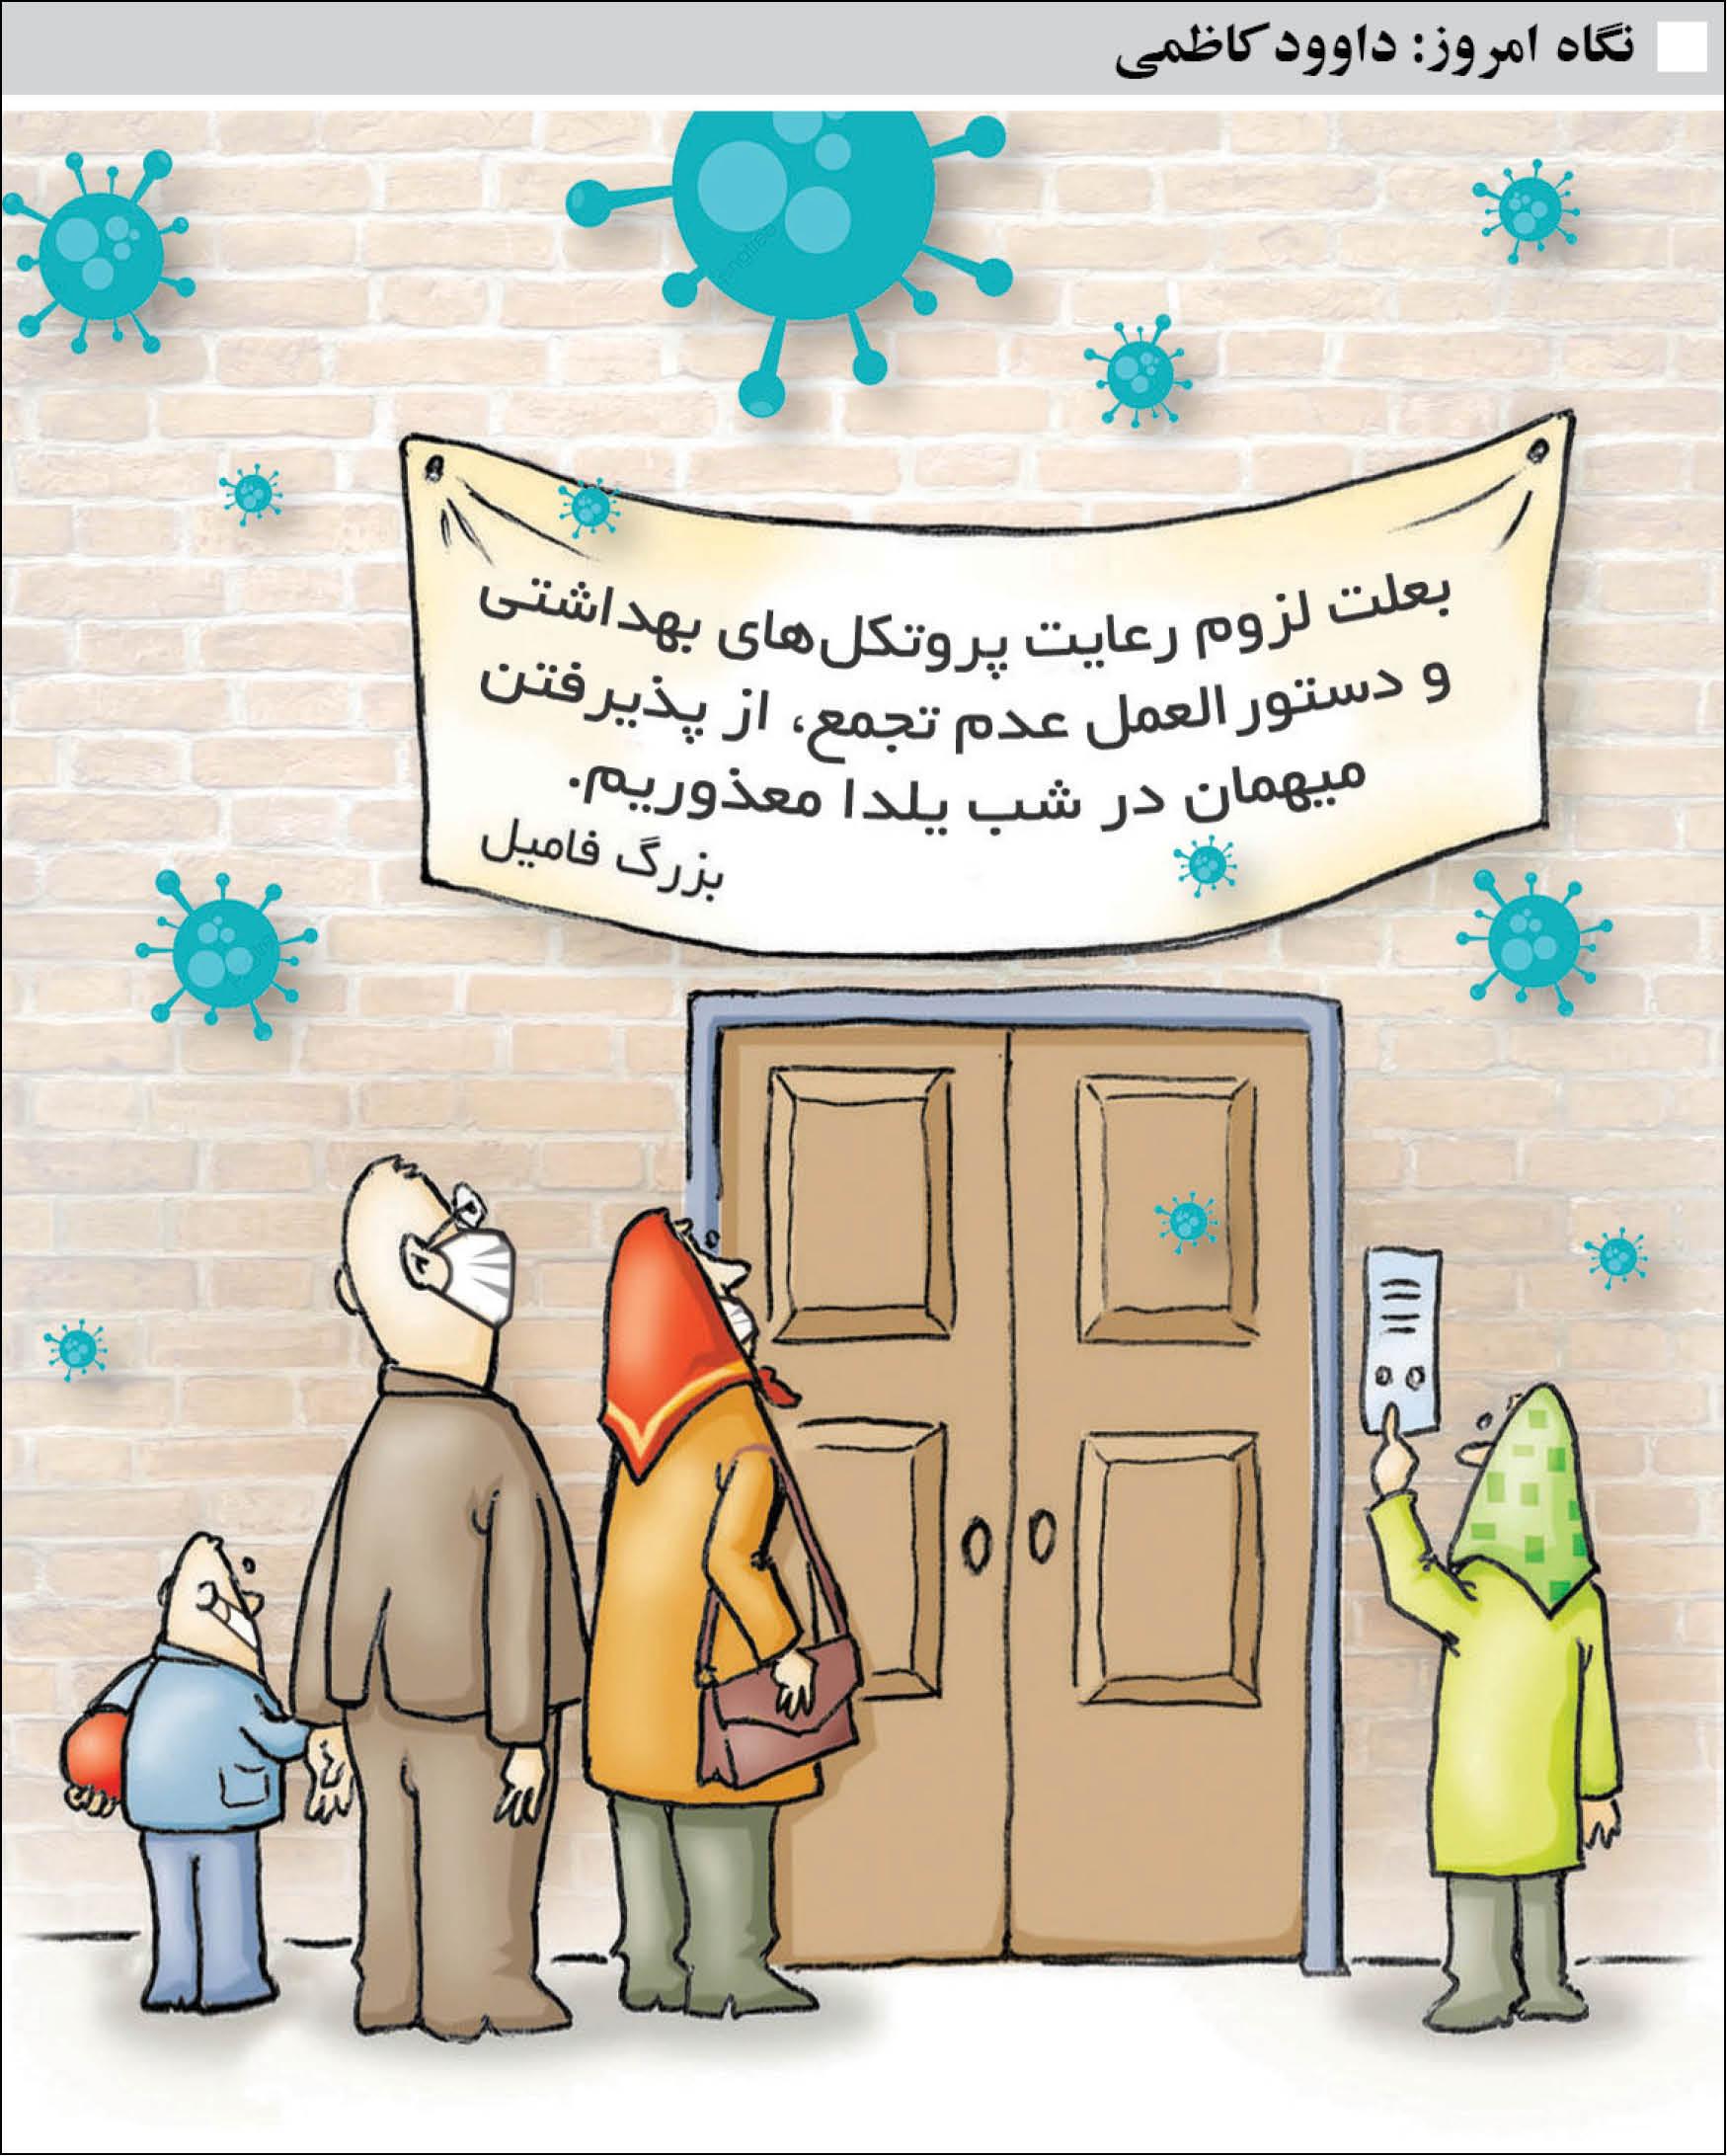 کارتون/ از پذیرفتن مهمان در شب یلدا معذوریم!